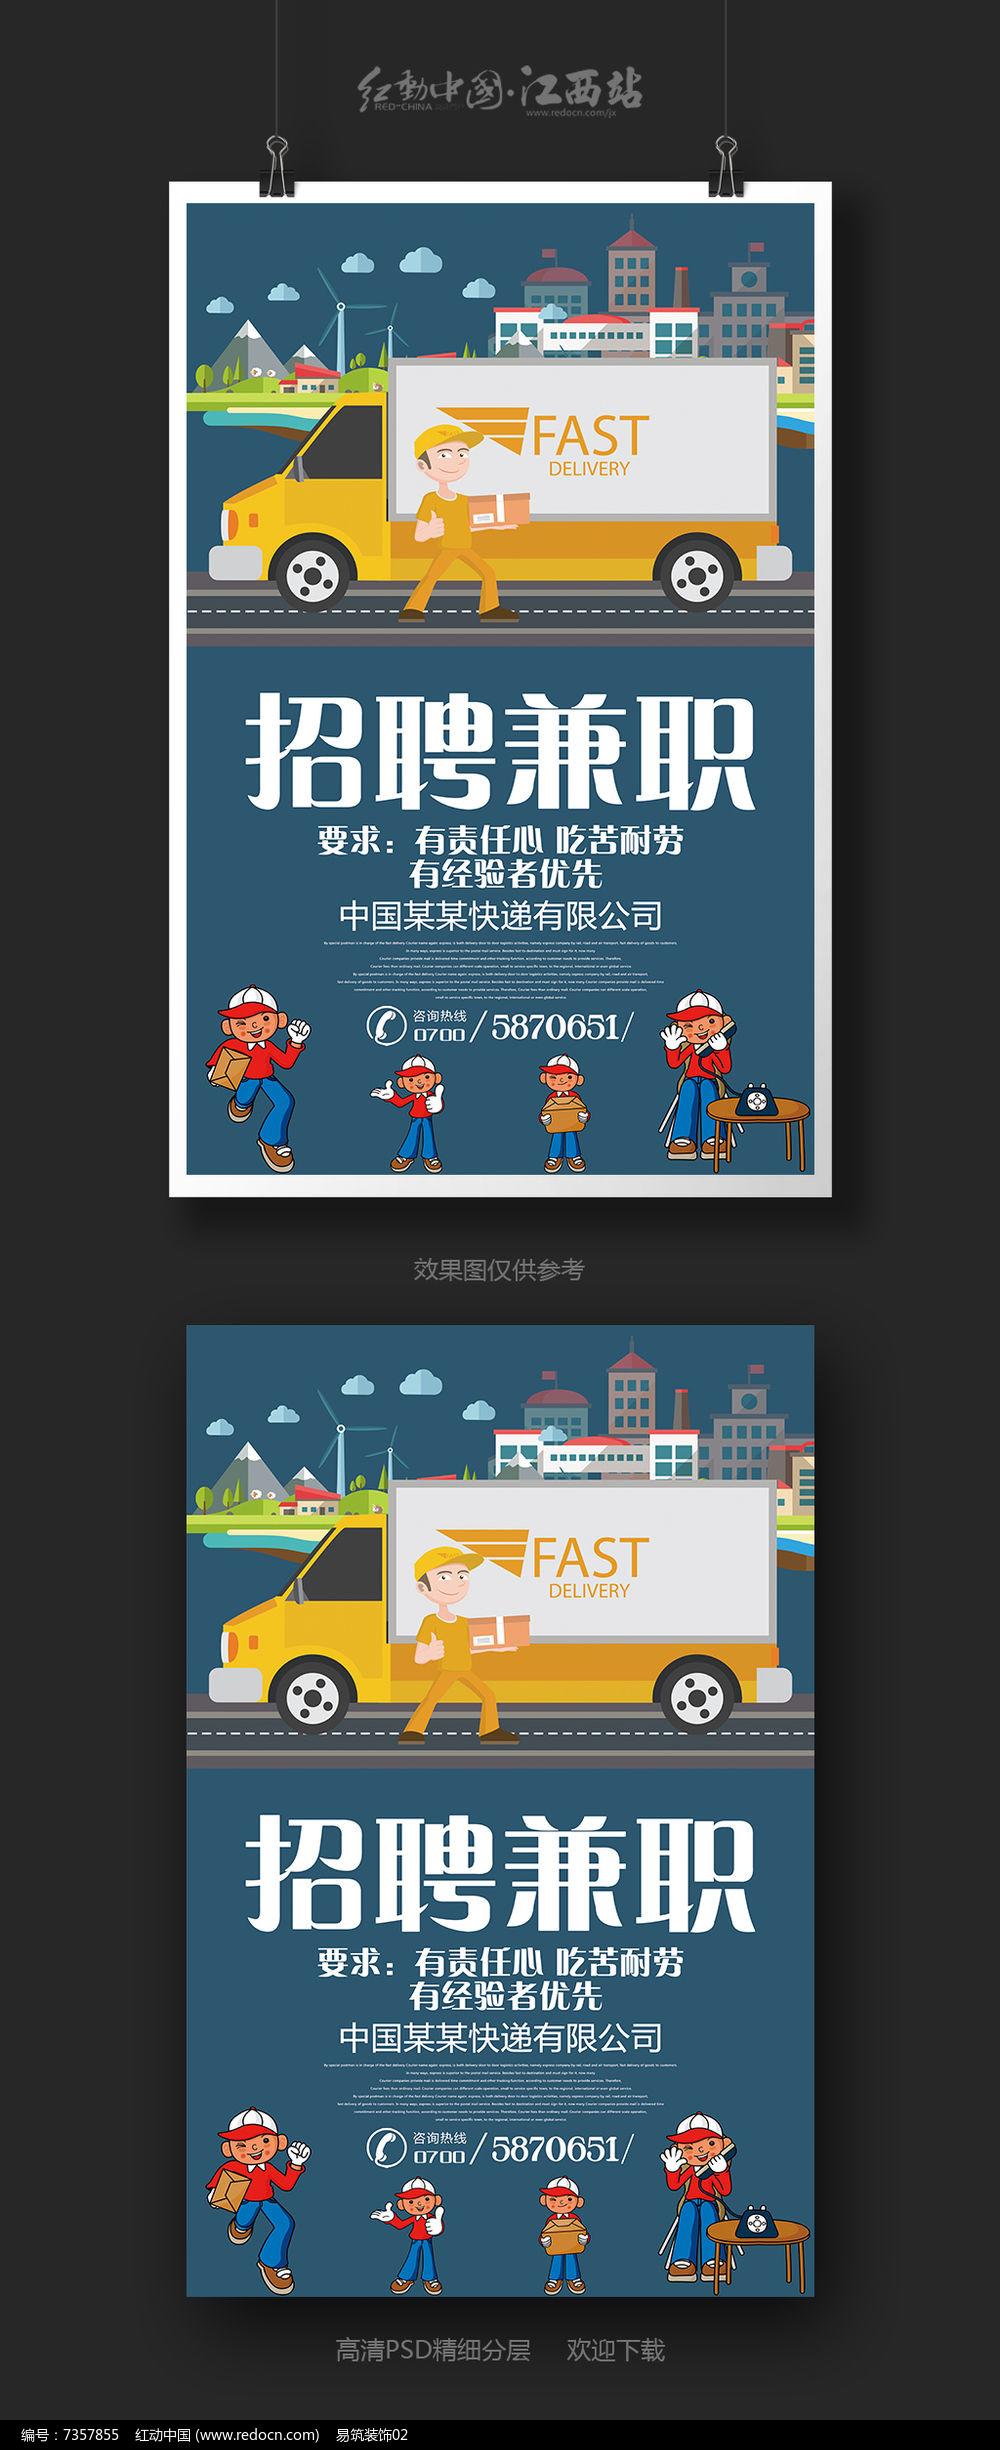 时尚快递公司招聘兼职宣传海报设计图片图片